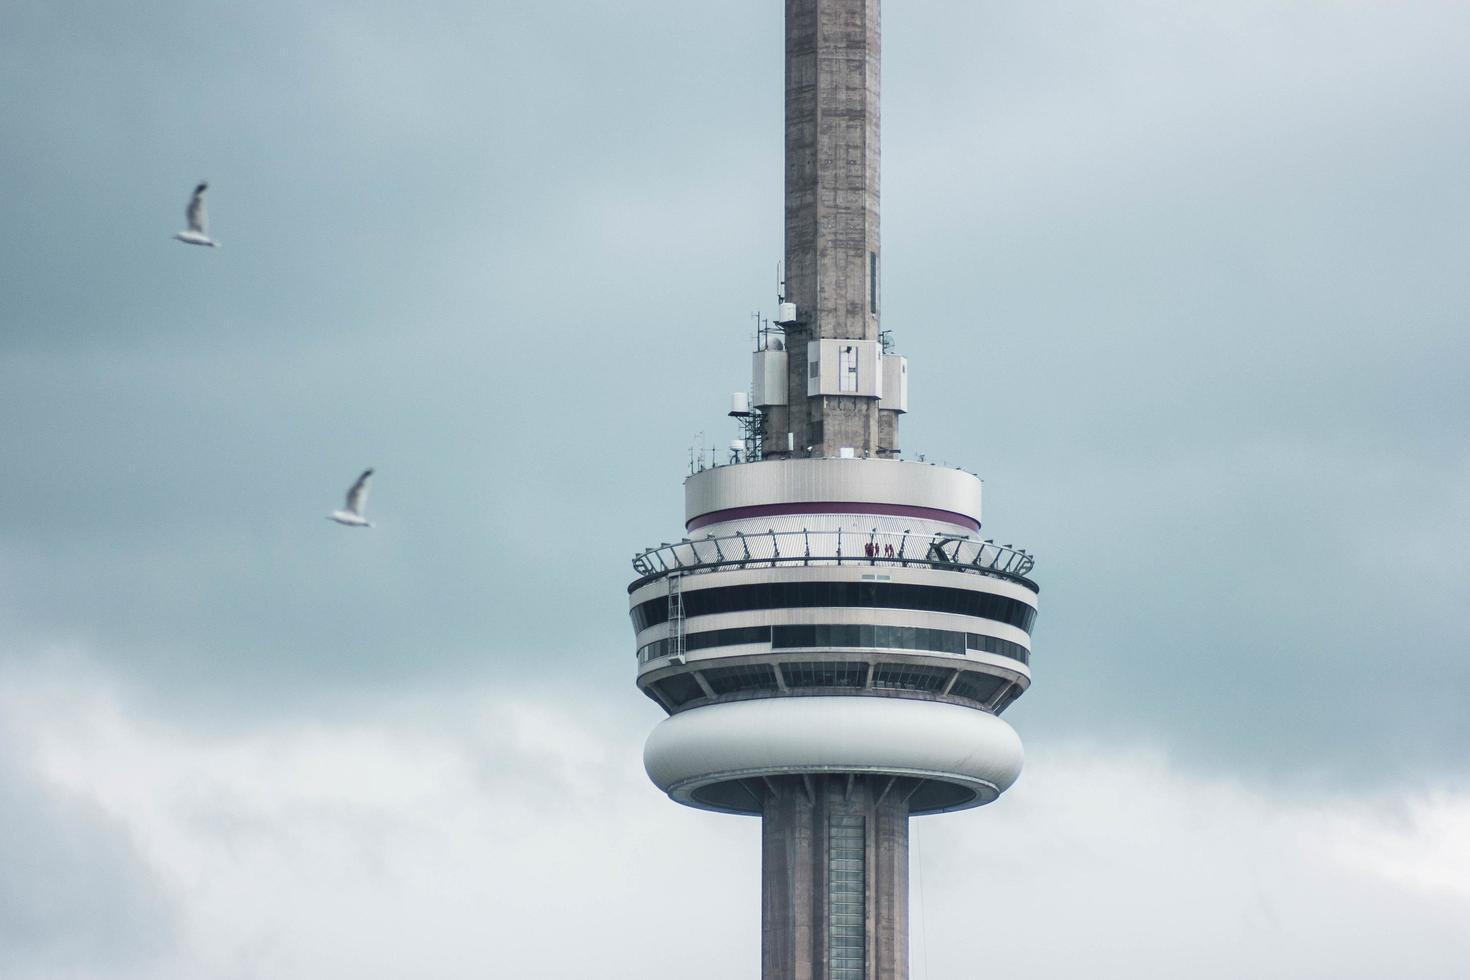 ontario, canada, 2020 - cn tower in una giornata nuvolosa foto